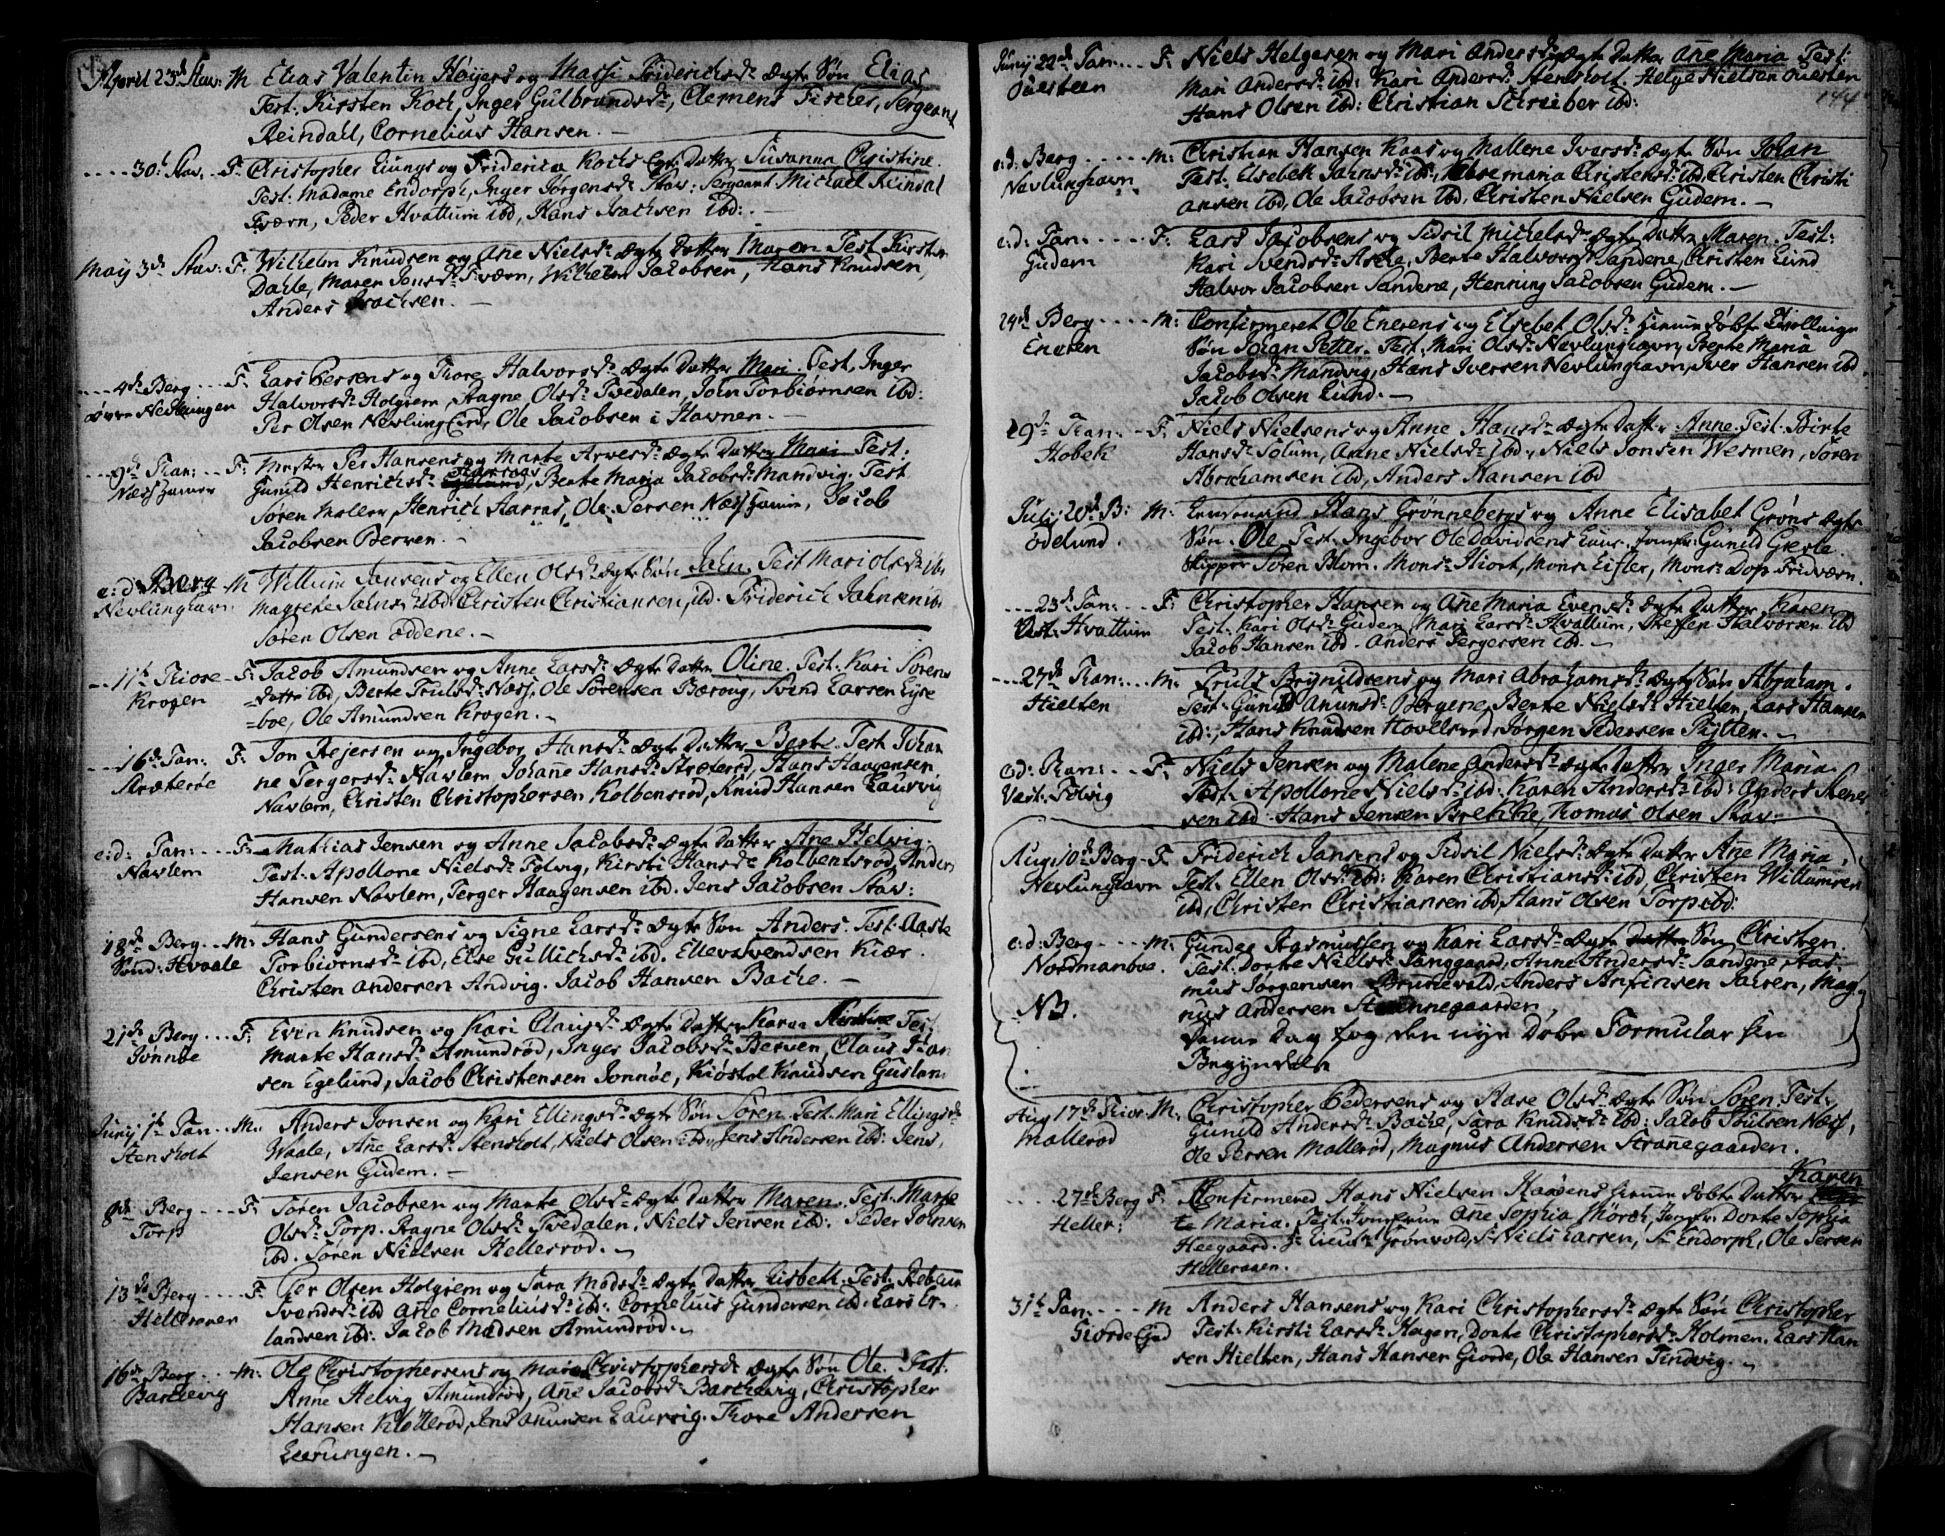 SAKO, Brunlanes kirkebøker, F/Fa/L0001: Ministerialbok nr. I 1, 1766-1801, s. 143-144